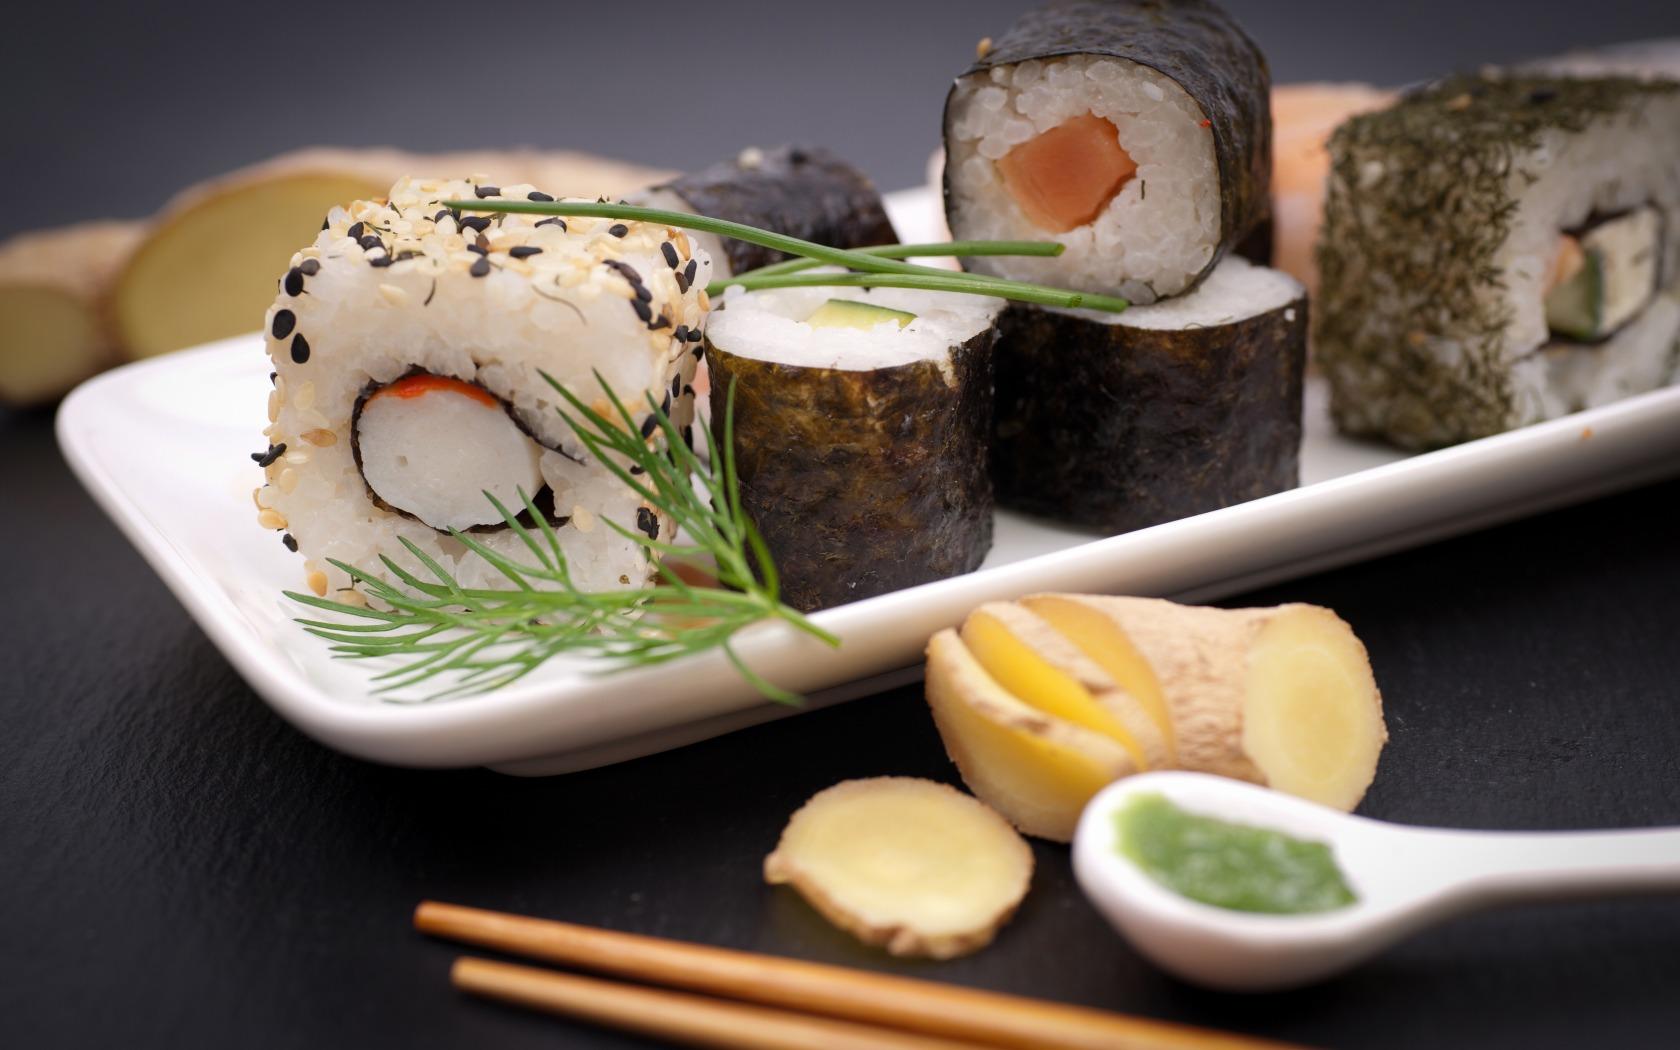 Wasabi Sushi Shop Wrocław Produkty i Akcesoria do Sushi i Kuchni Orientalnej (93)